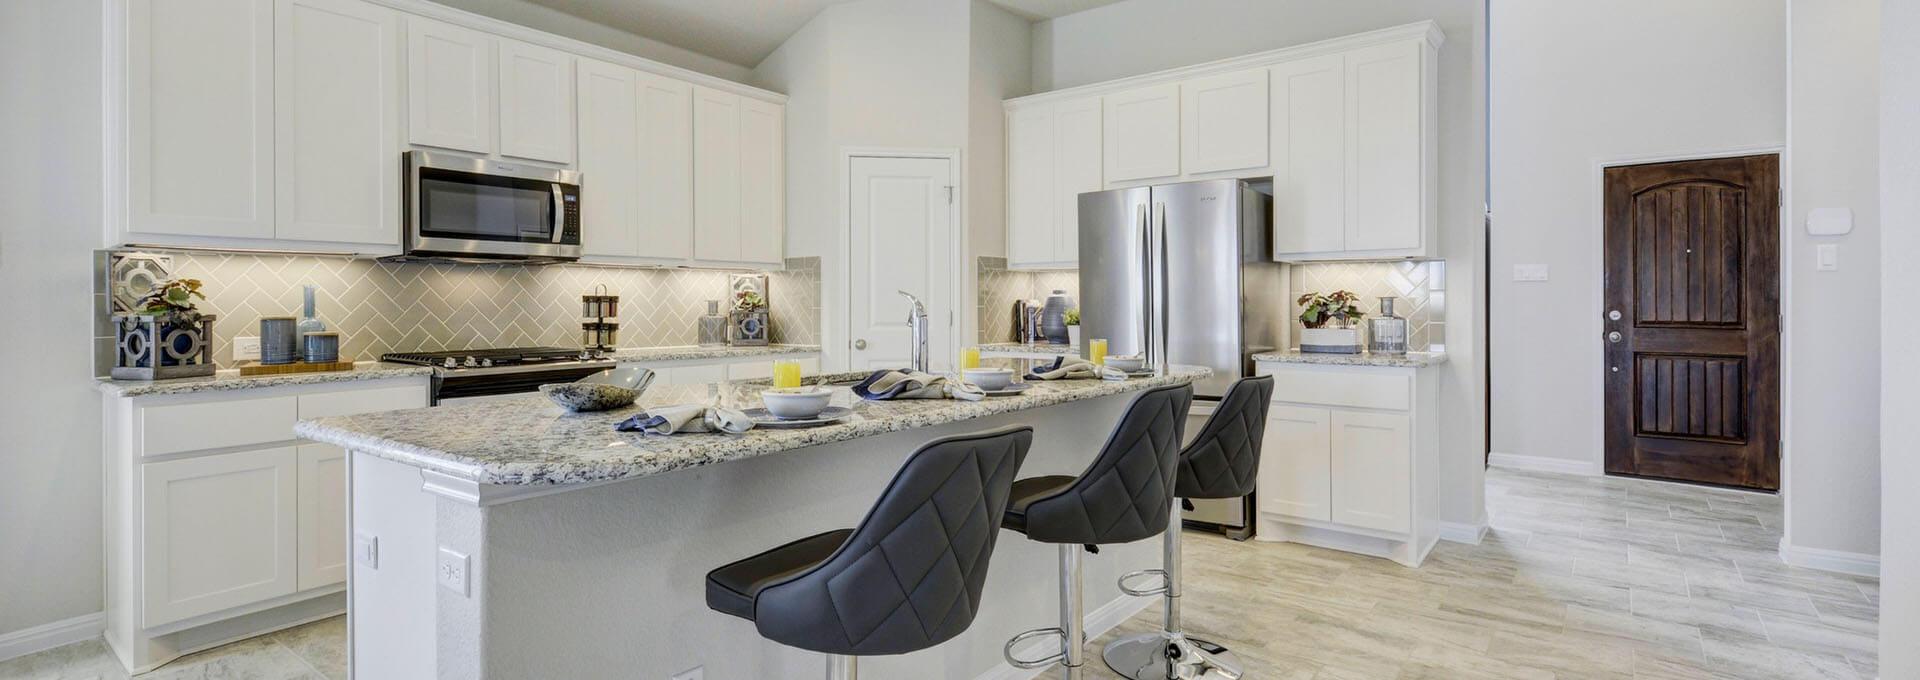 the Aaron kitchen photo